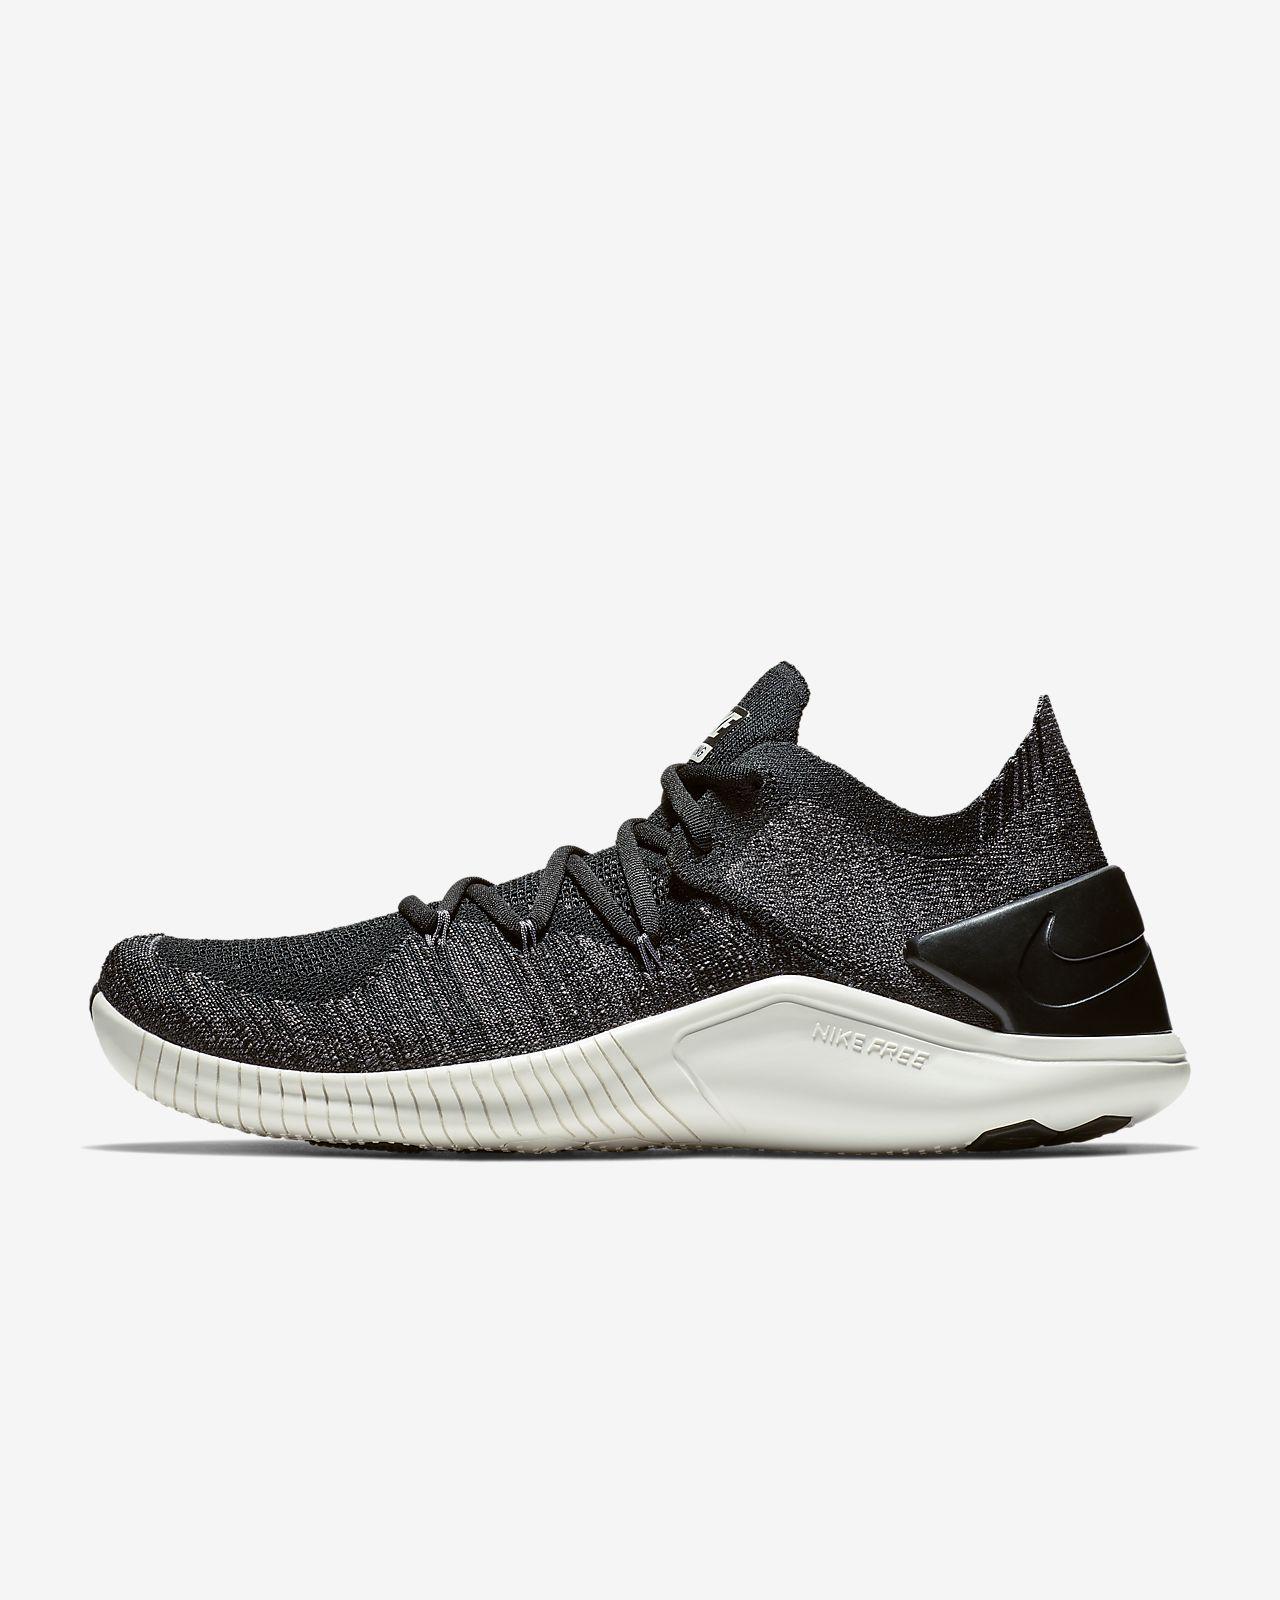 Nike Free TR Flyknit 3 Zapatillas de cross training, HIIT y para el gimnasio Mujer